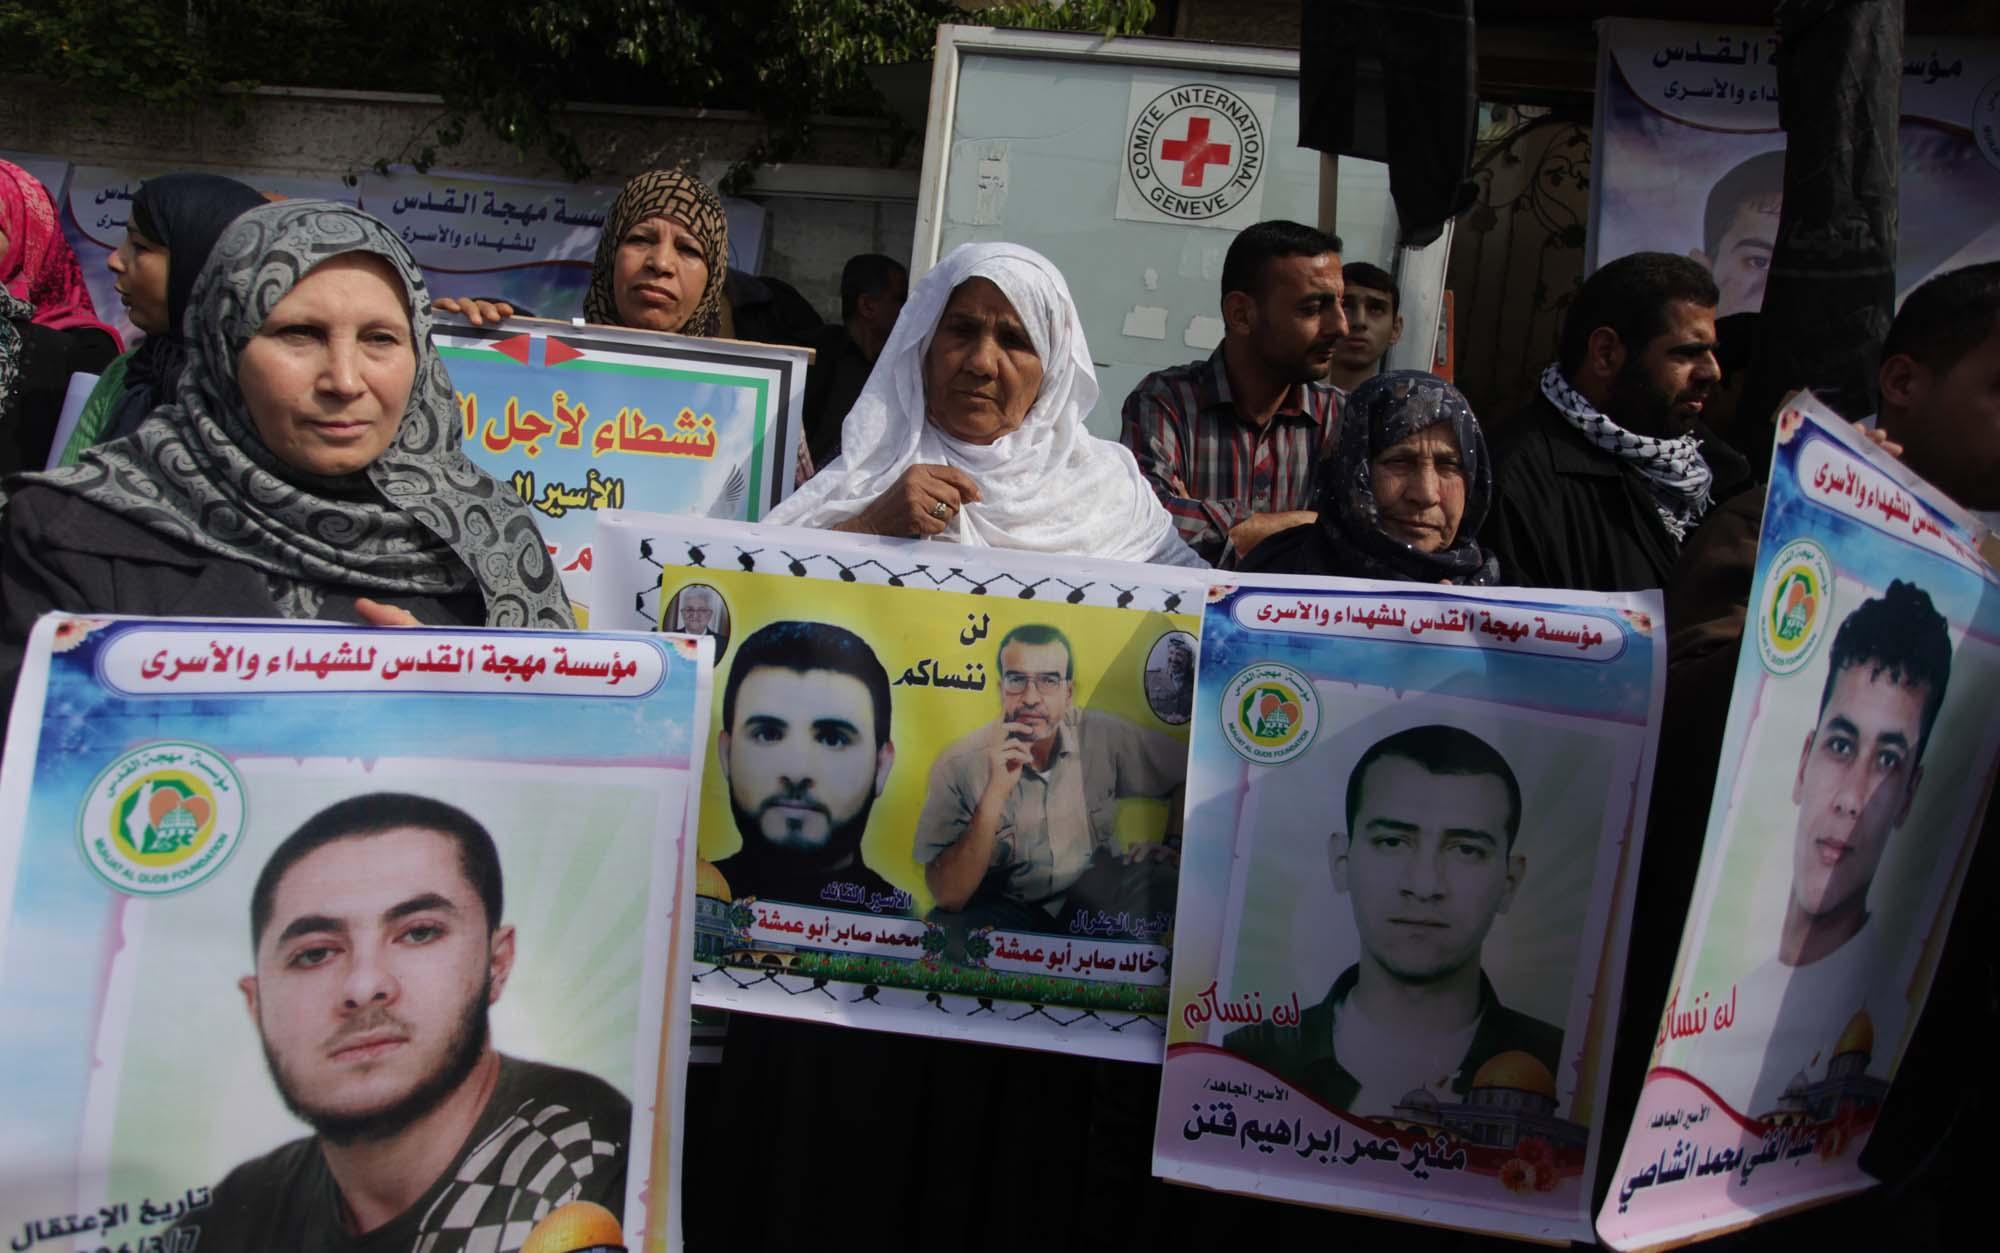 مهجة القدس تنظم سلسلة فعاليات نصرة للأسرى المضربين والمرضى